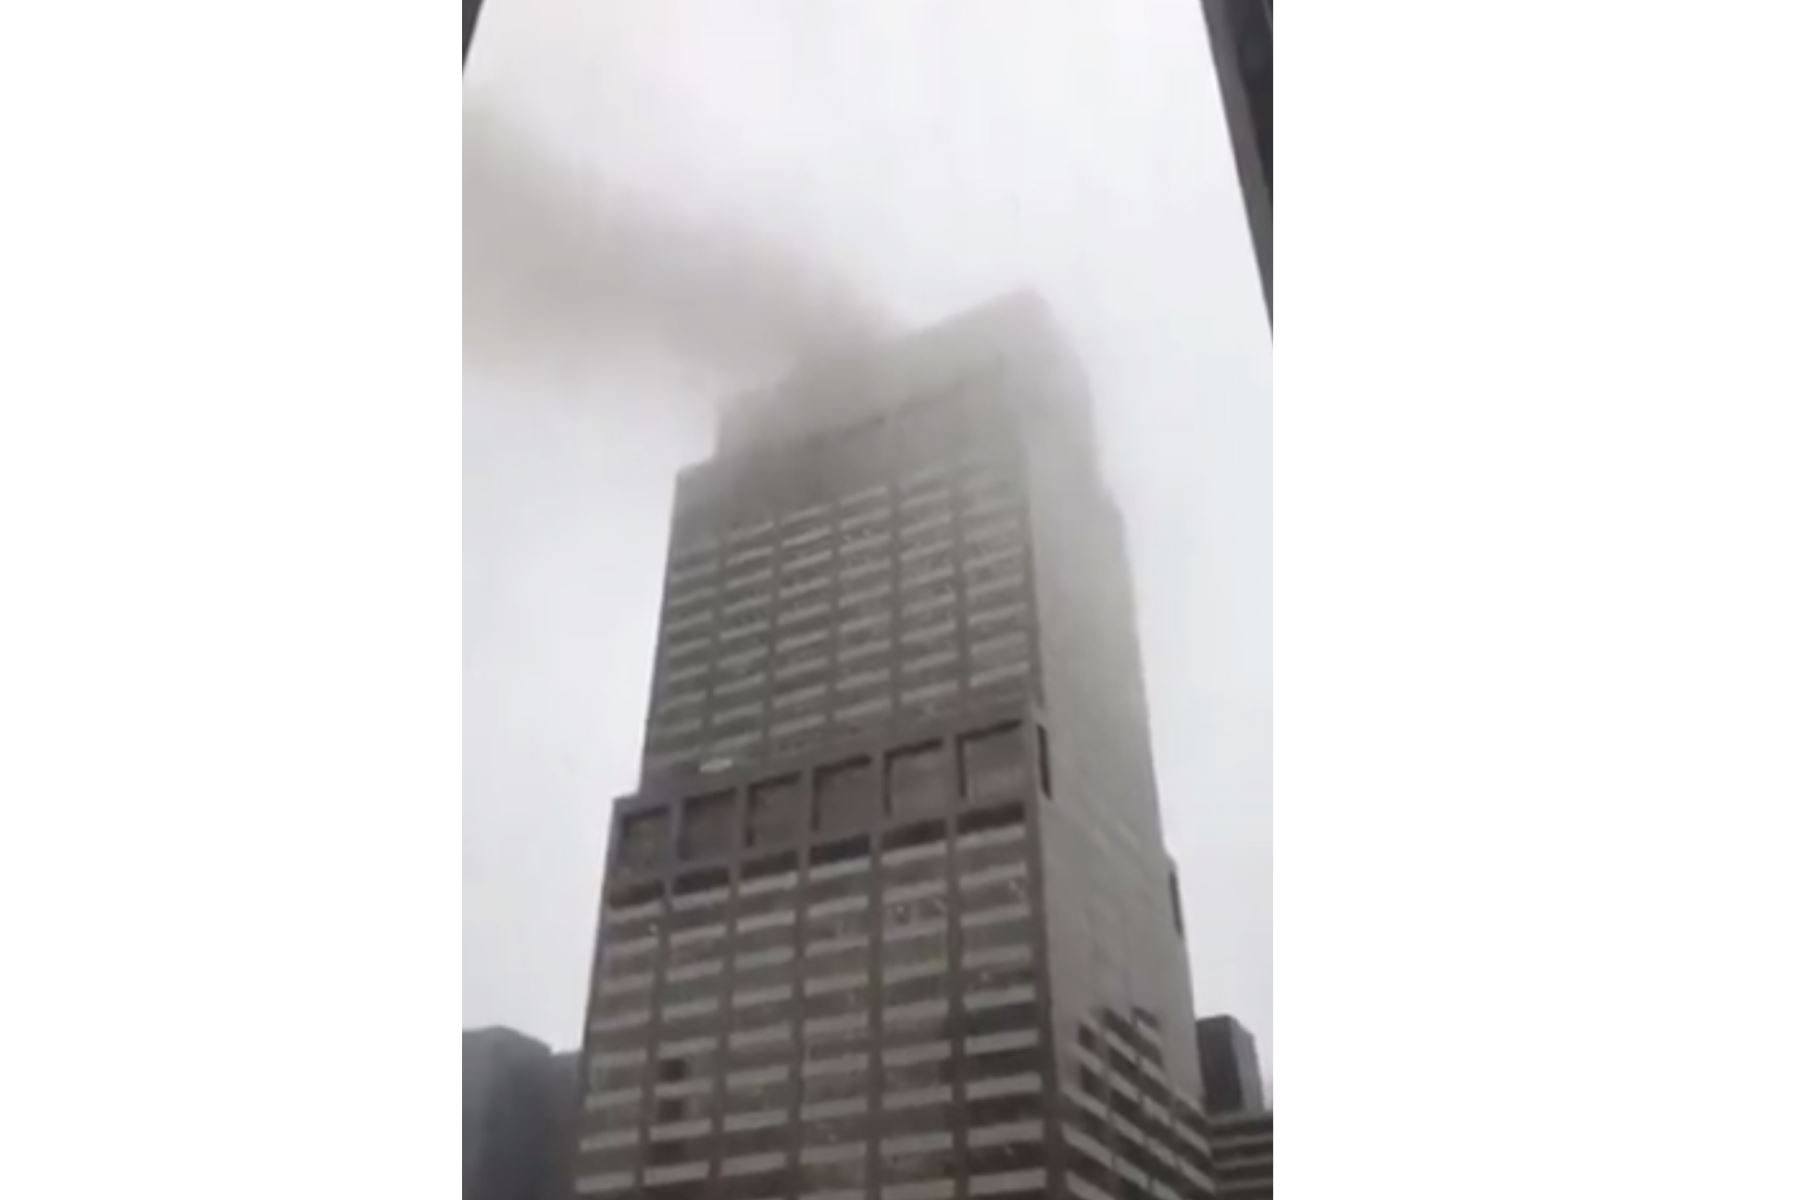 Un muerto tras estrellarse helicóptero en Manhattan. Foto: Captura TV